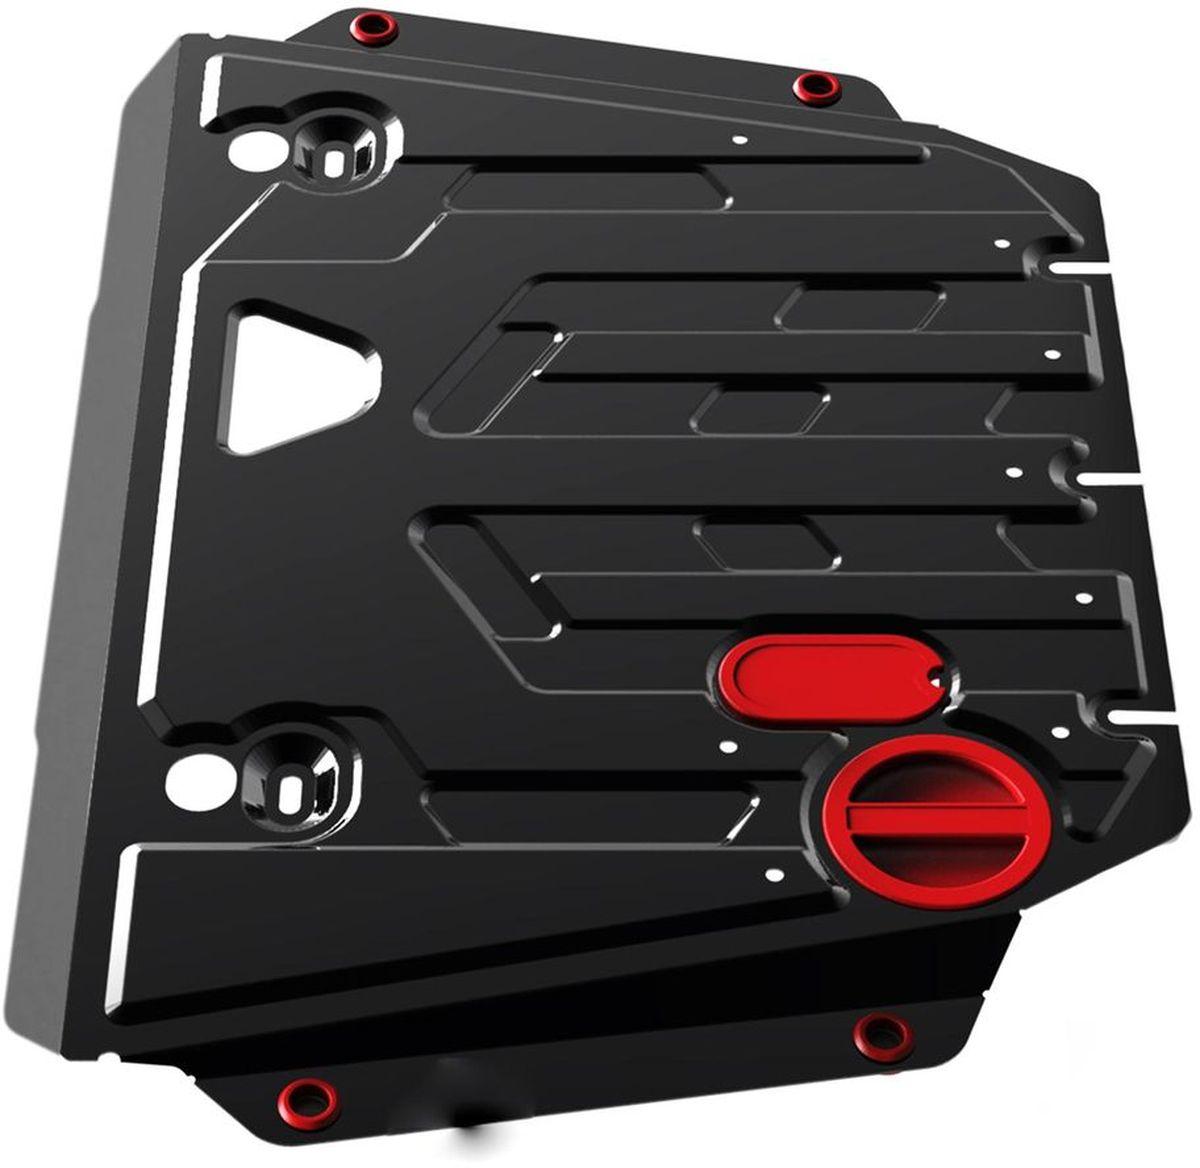 Защита картера и КПП Автоброня, для Lifan Breez V - 1,3; 1,6 (2006-)111.03301.1Технологически совершенный продукт за невысокую стоимость. Защита разработана с учетом особенностей днища автомобиля, что позволяет сохранить дорожный просвет с минимальным изменением. Защита устанавливается в штатные места кузова автомобиля. Глубокий штамп обеспечивает до двух раз больше жесткости в сравнении с обычной защитой той же толщины. Проштампованные ребра жесткости препятствуют деформации защиты при ударах. Тепловой зазор и вентиляционные отверстия обеспечивают сохранение температурного режима двигателя в норме. Скрытый крепеж предотвращает срыв крепежных элементов при наезде на препятствие. Шумопоглощающие резиновые элементы обеспечивают комфортную езду без вибраций и скрежета металла, а съемные лючки для слива масла и замены фильтра - экономию средств и время. Конструкция изделия не влияет на пассивную безопасность автомобиля (при ударе защита не воздействует на деформационные зоны кузова). Со штатным крепежом. В комплекте инструкция по установке....